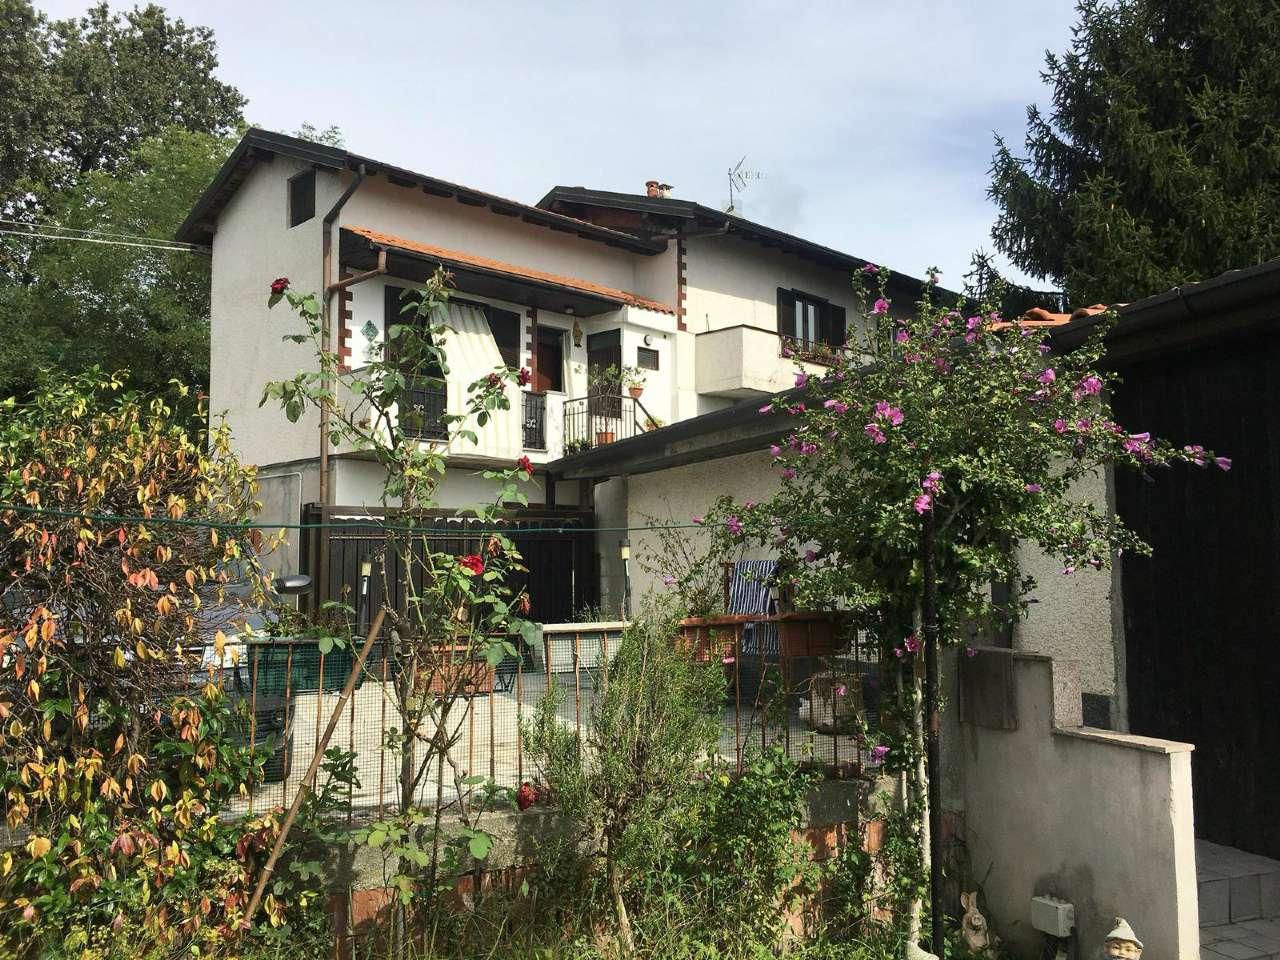 Appartamento in vendita a Solbiate Arno, 4 locali, prezzo € 119.000 | CambioCasa.it